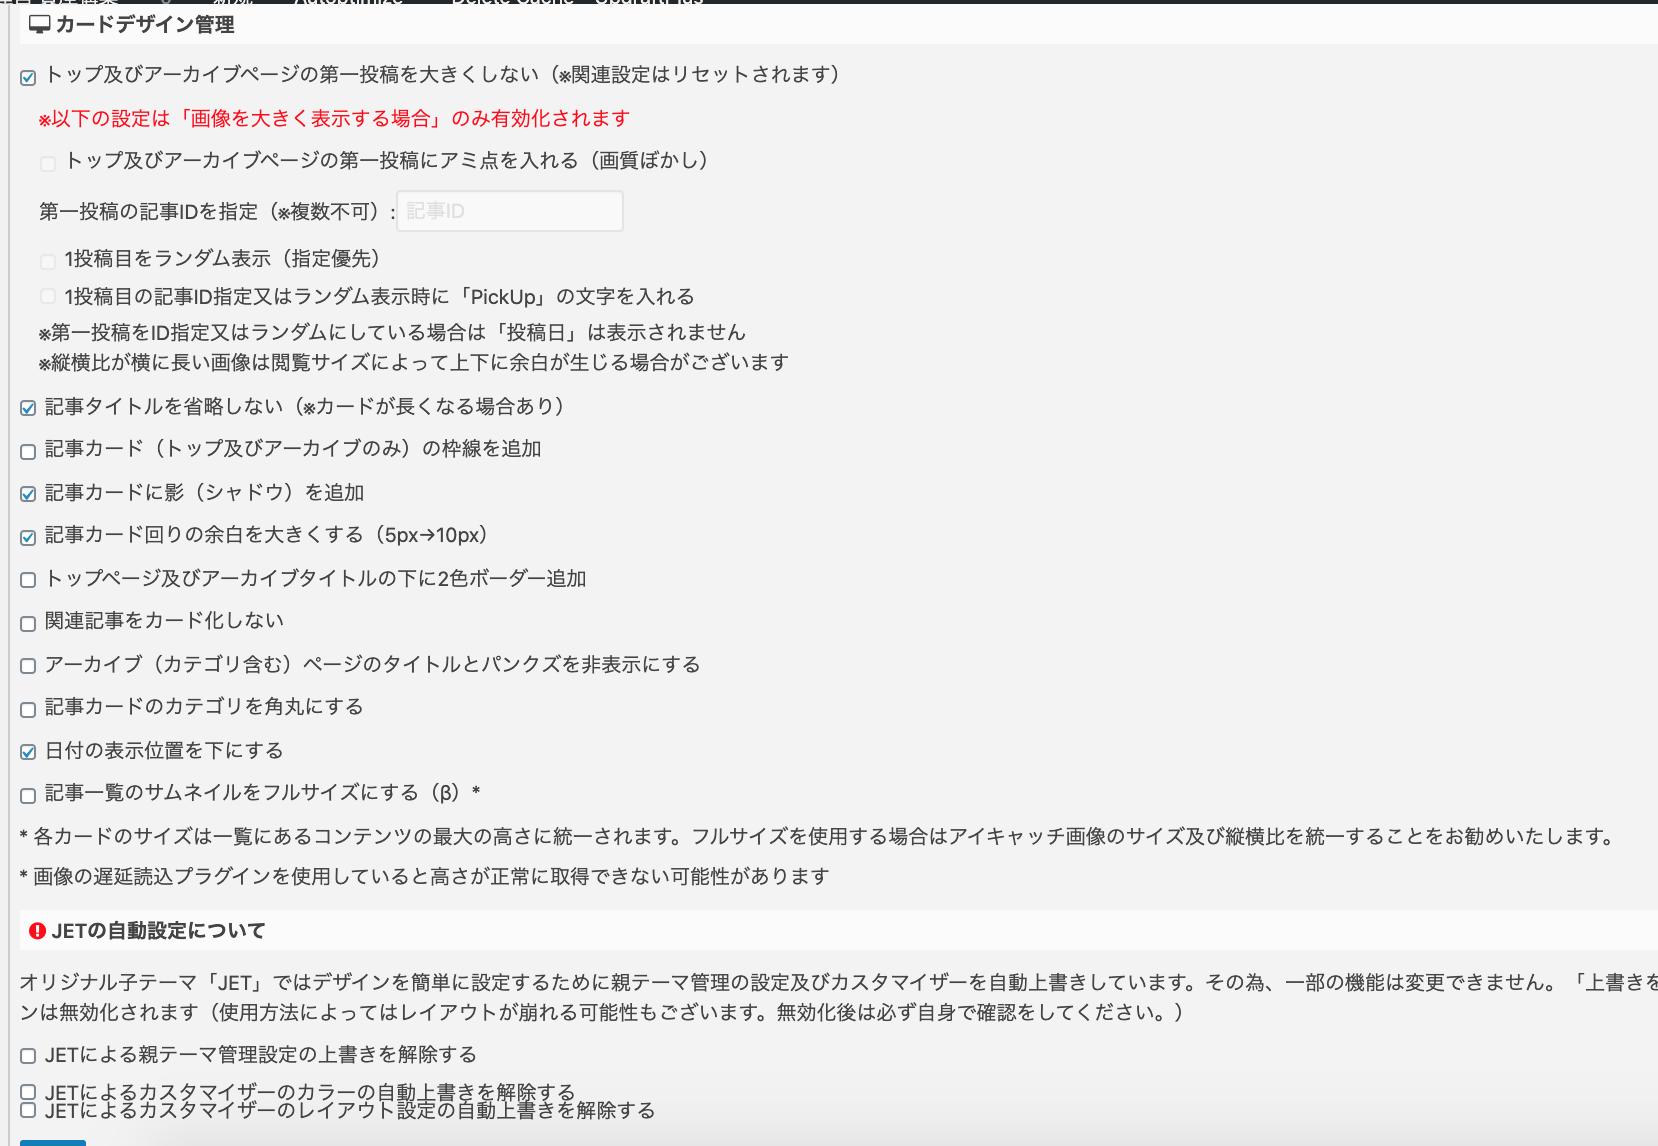 アフィンガー5の子テーマJETの管理画面